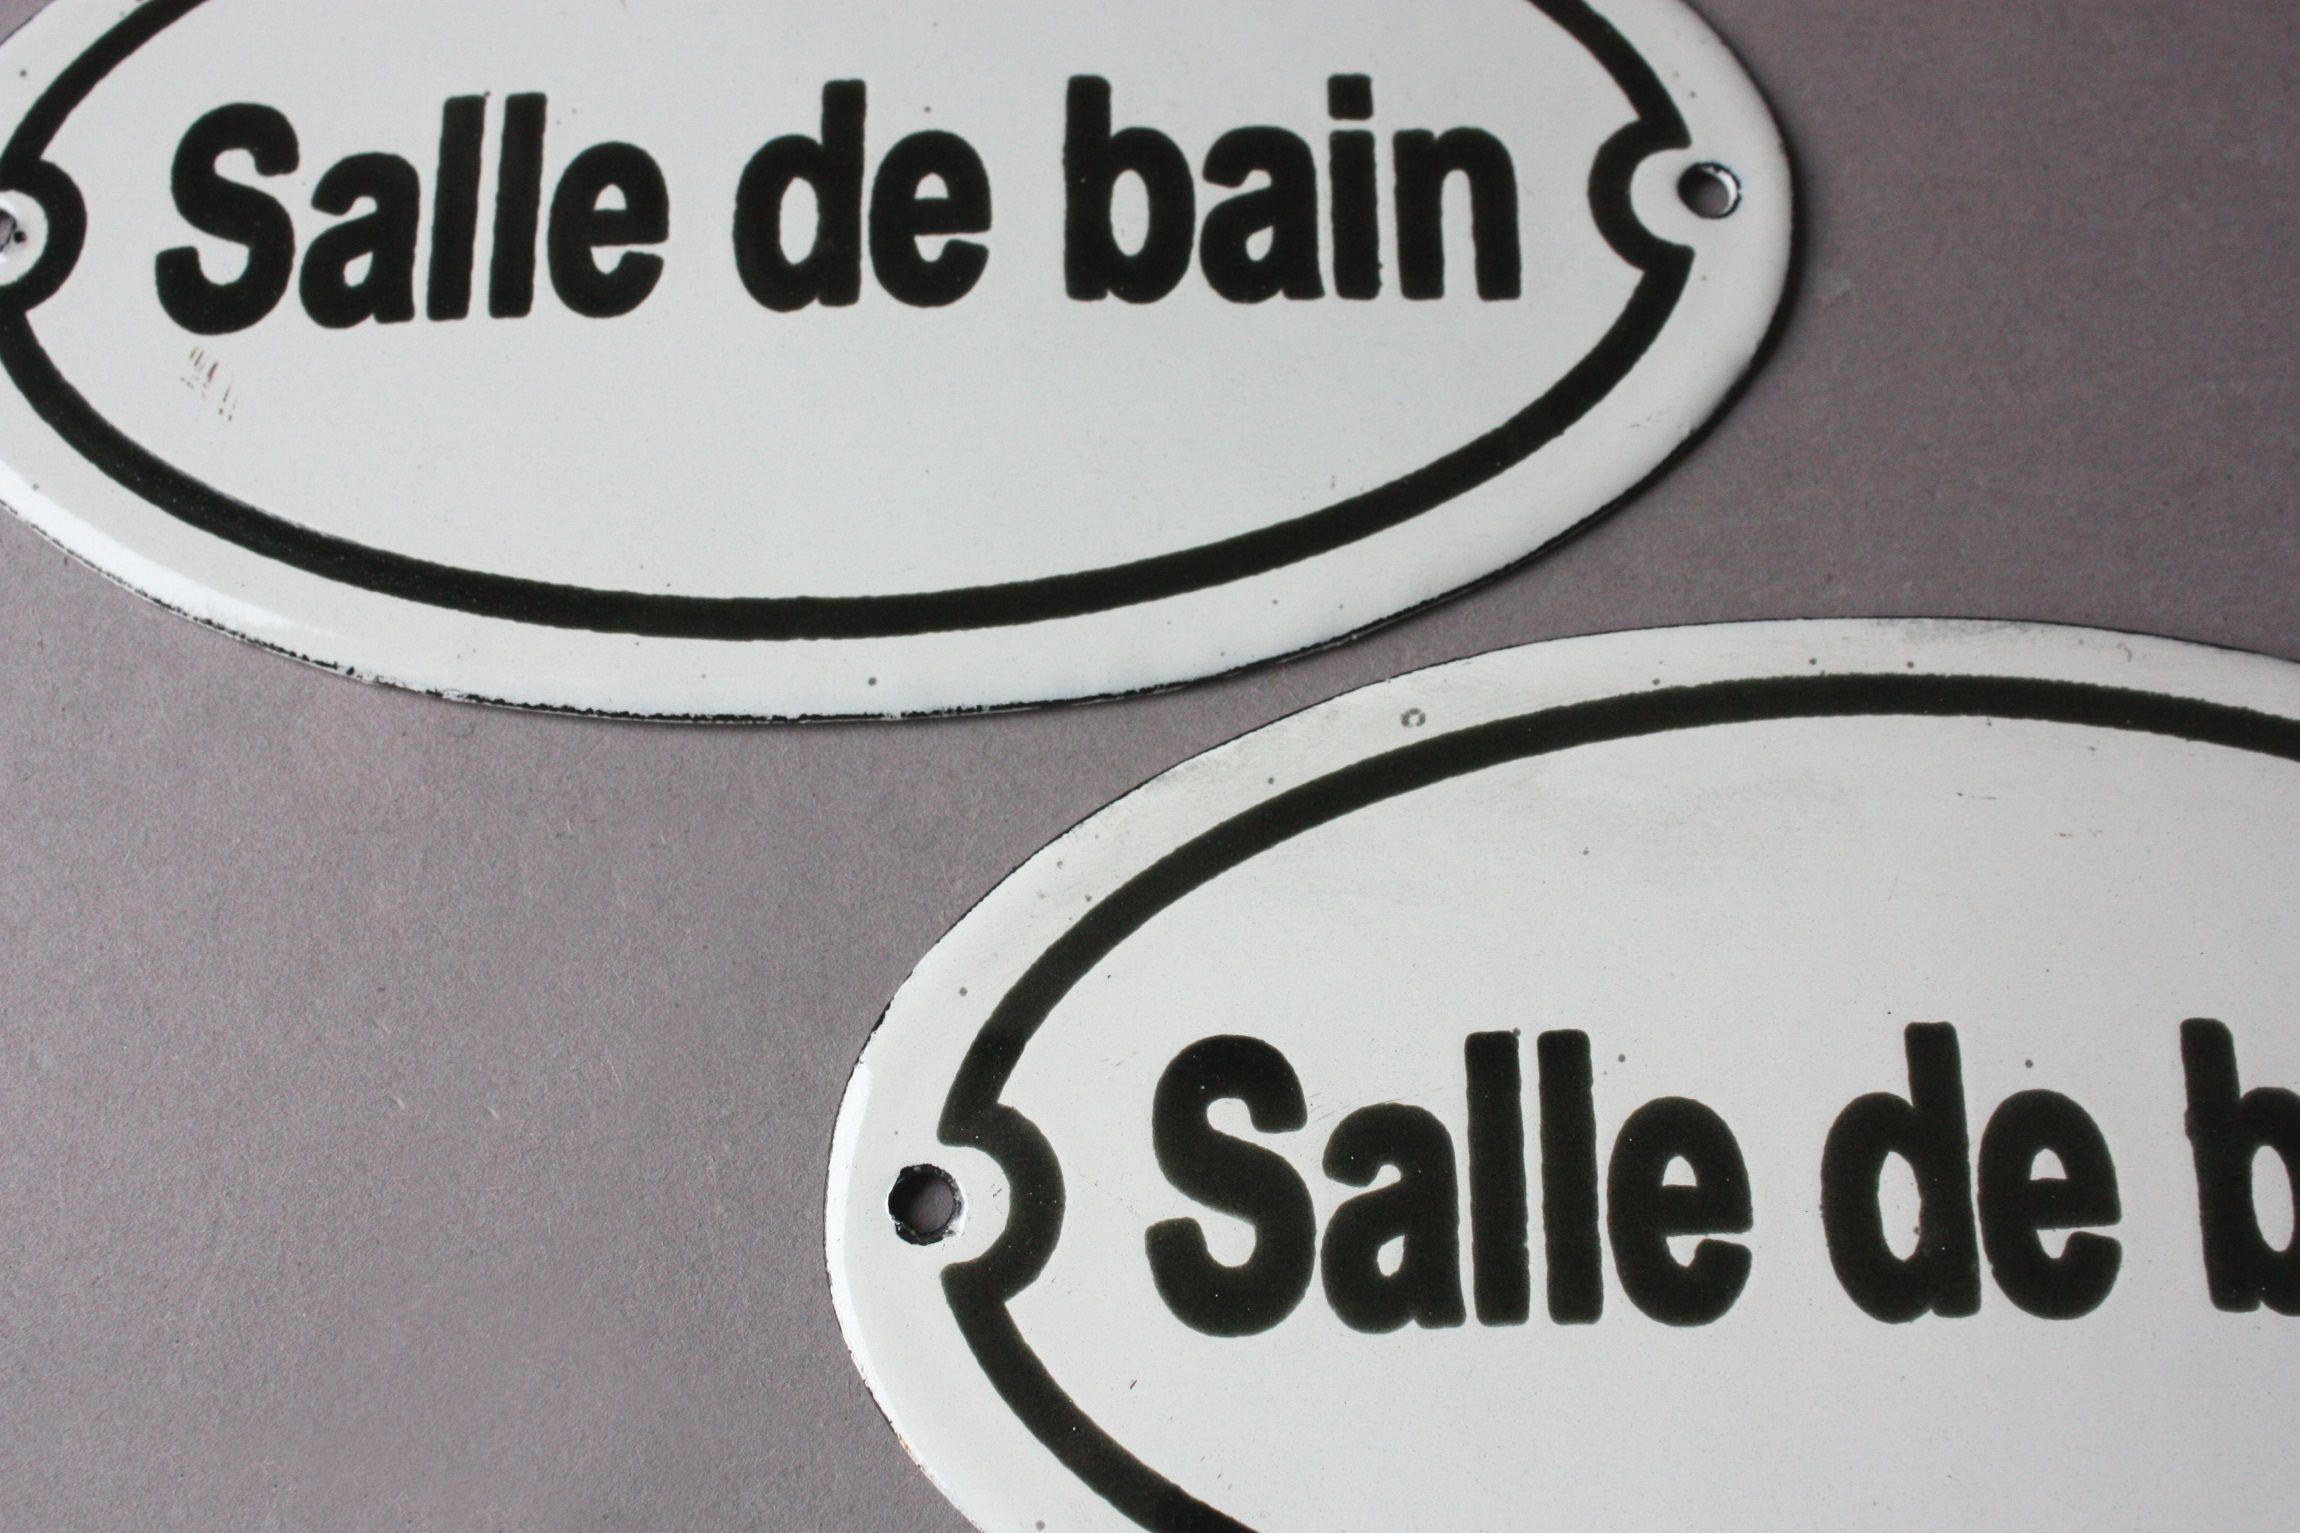 Salle De Bain Franzosisches Schild Fur Badezimmer French Door Sign Bathroom Enamel Toilettenschilder Schilder Turschilder